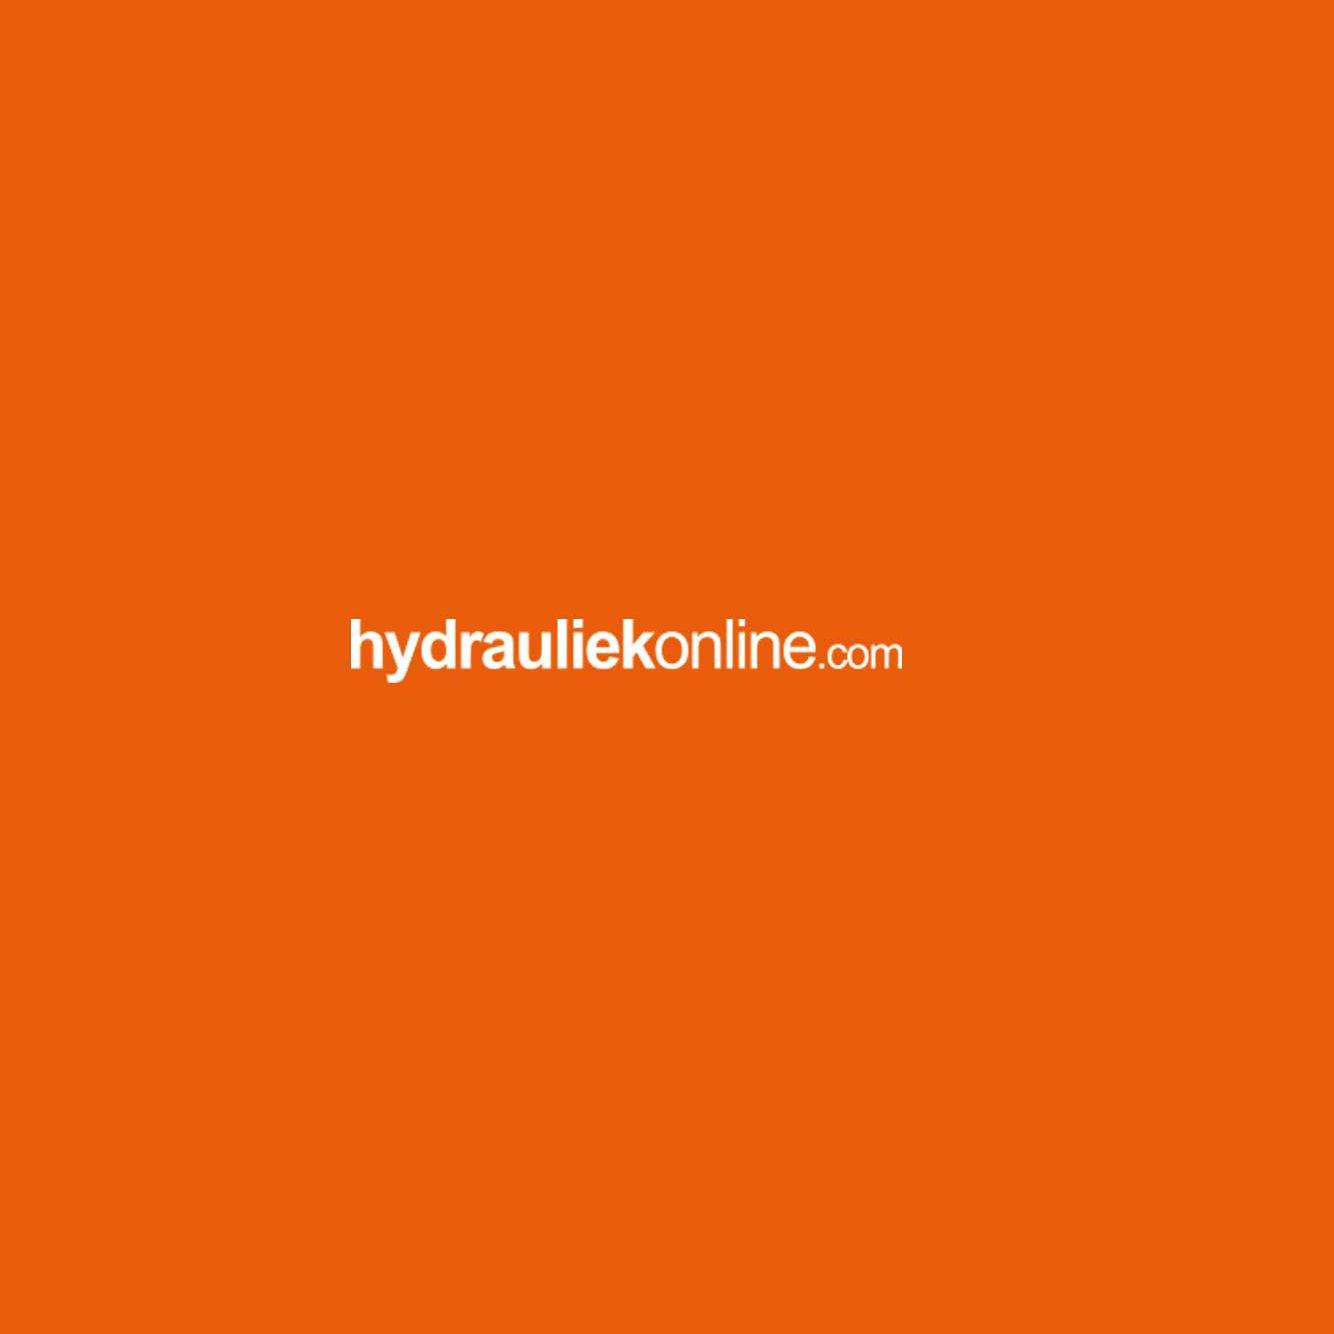 hydrauliek-online-6749.jpg